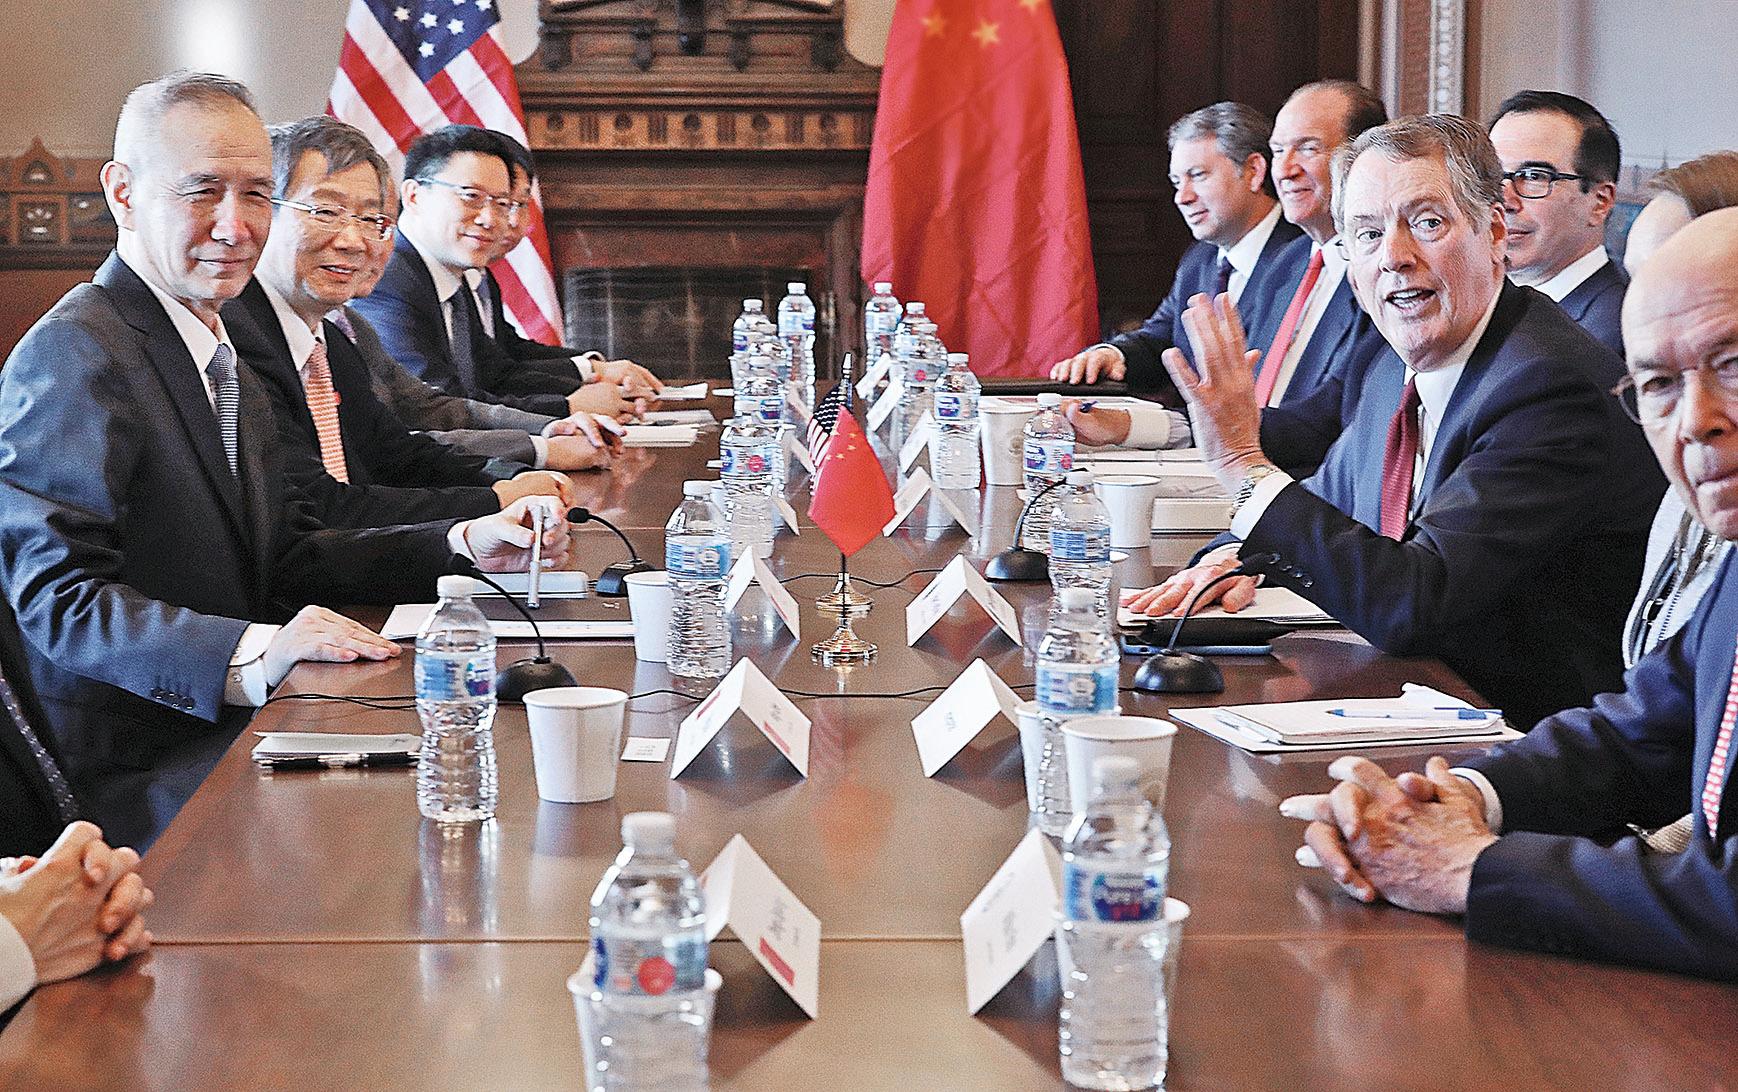 中美高層貿易談判30日在白宮的艾森豪威爾行政辦公大樓展開,引發外界廣泛關注。圖中左一和右一分別是代表中方的劉鶴與代表美方的萊特希澤。 (Getty Images)